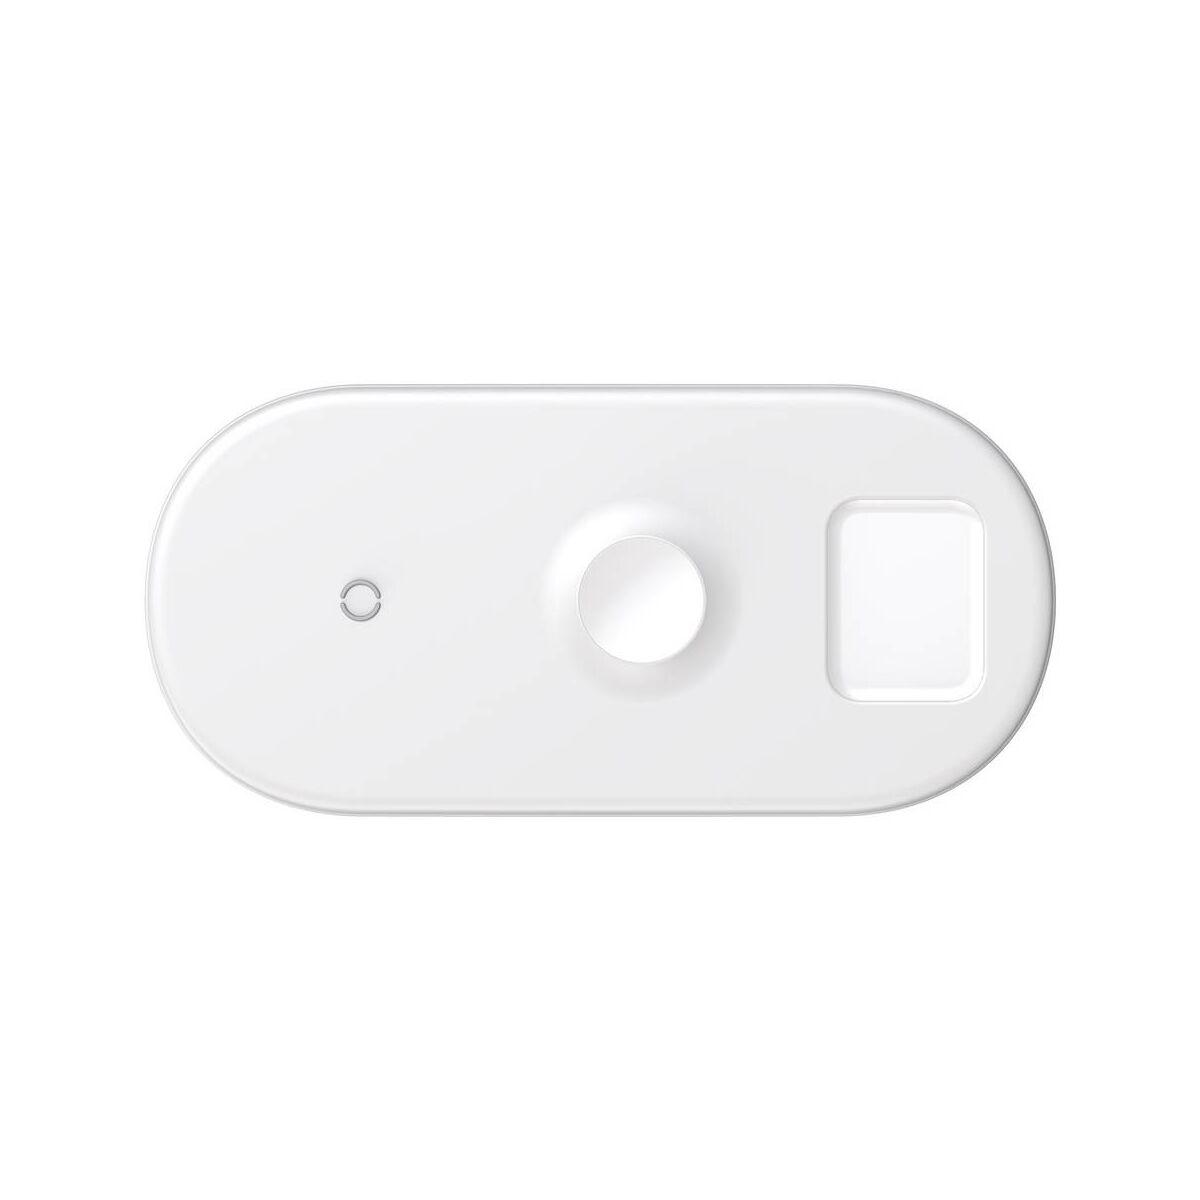 Baseus vezeték nélküli töltő, 3-in-1 (iPhone+Watch+Pods - 18W MAX), fehér (WX3-in-1-02)